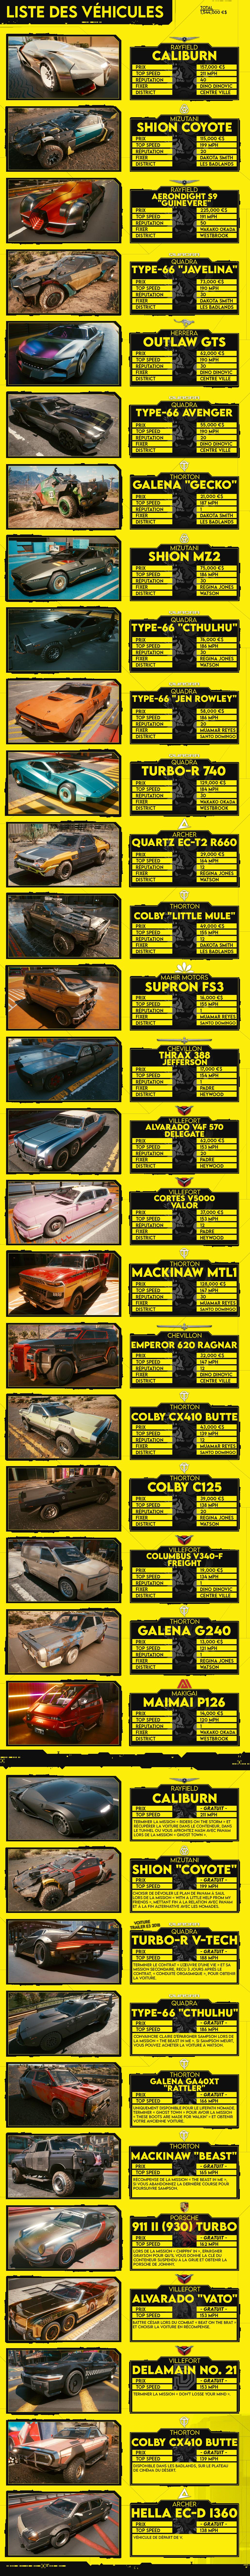 Cyberpunk 2077 liste des voitures By Haxio.jpg